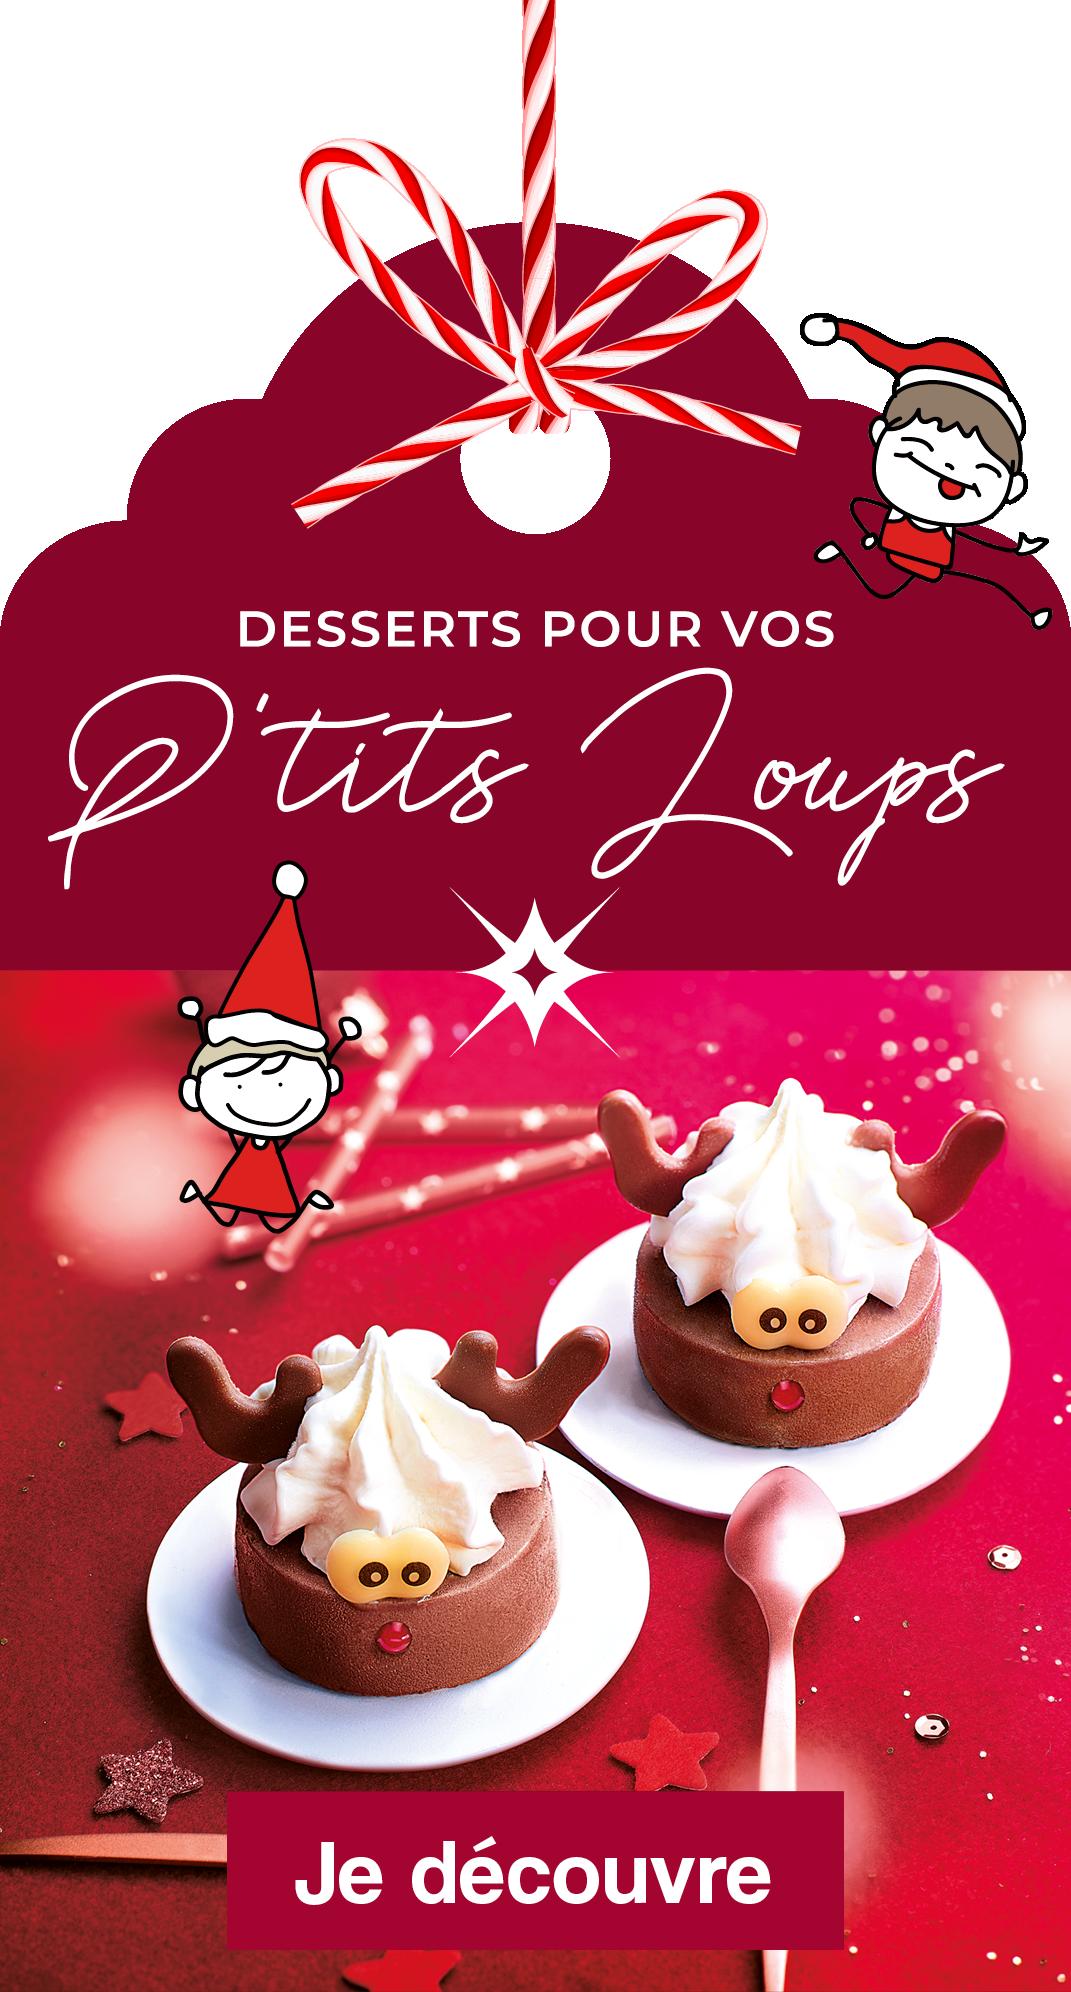 Les desserts de Noël pour les enfants chez Thiriet